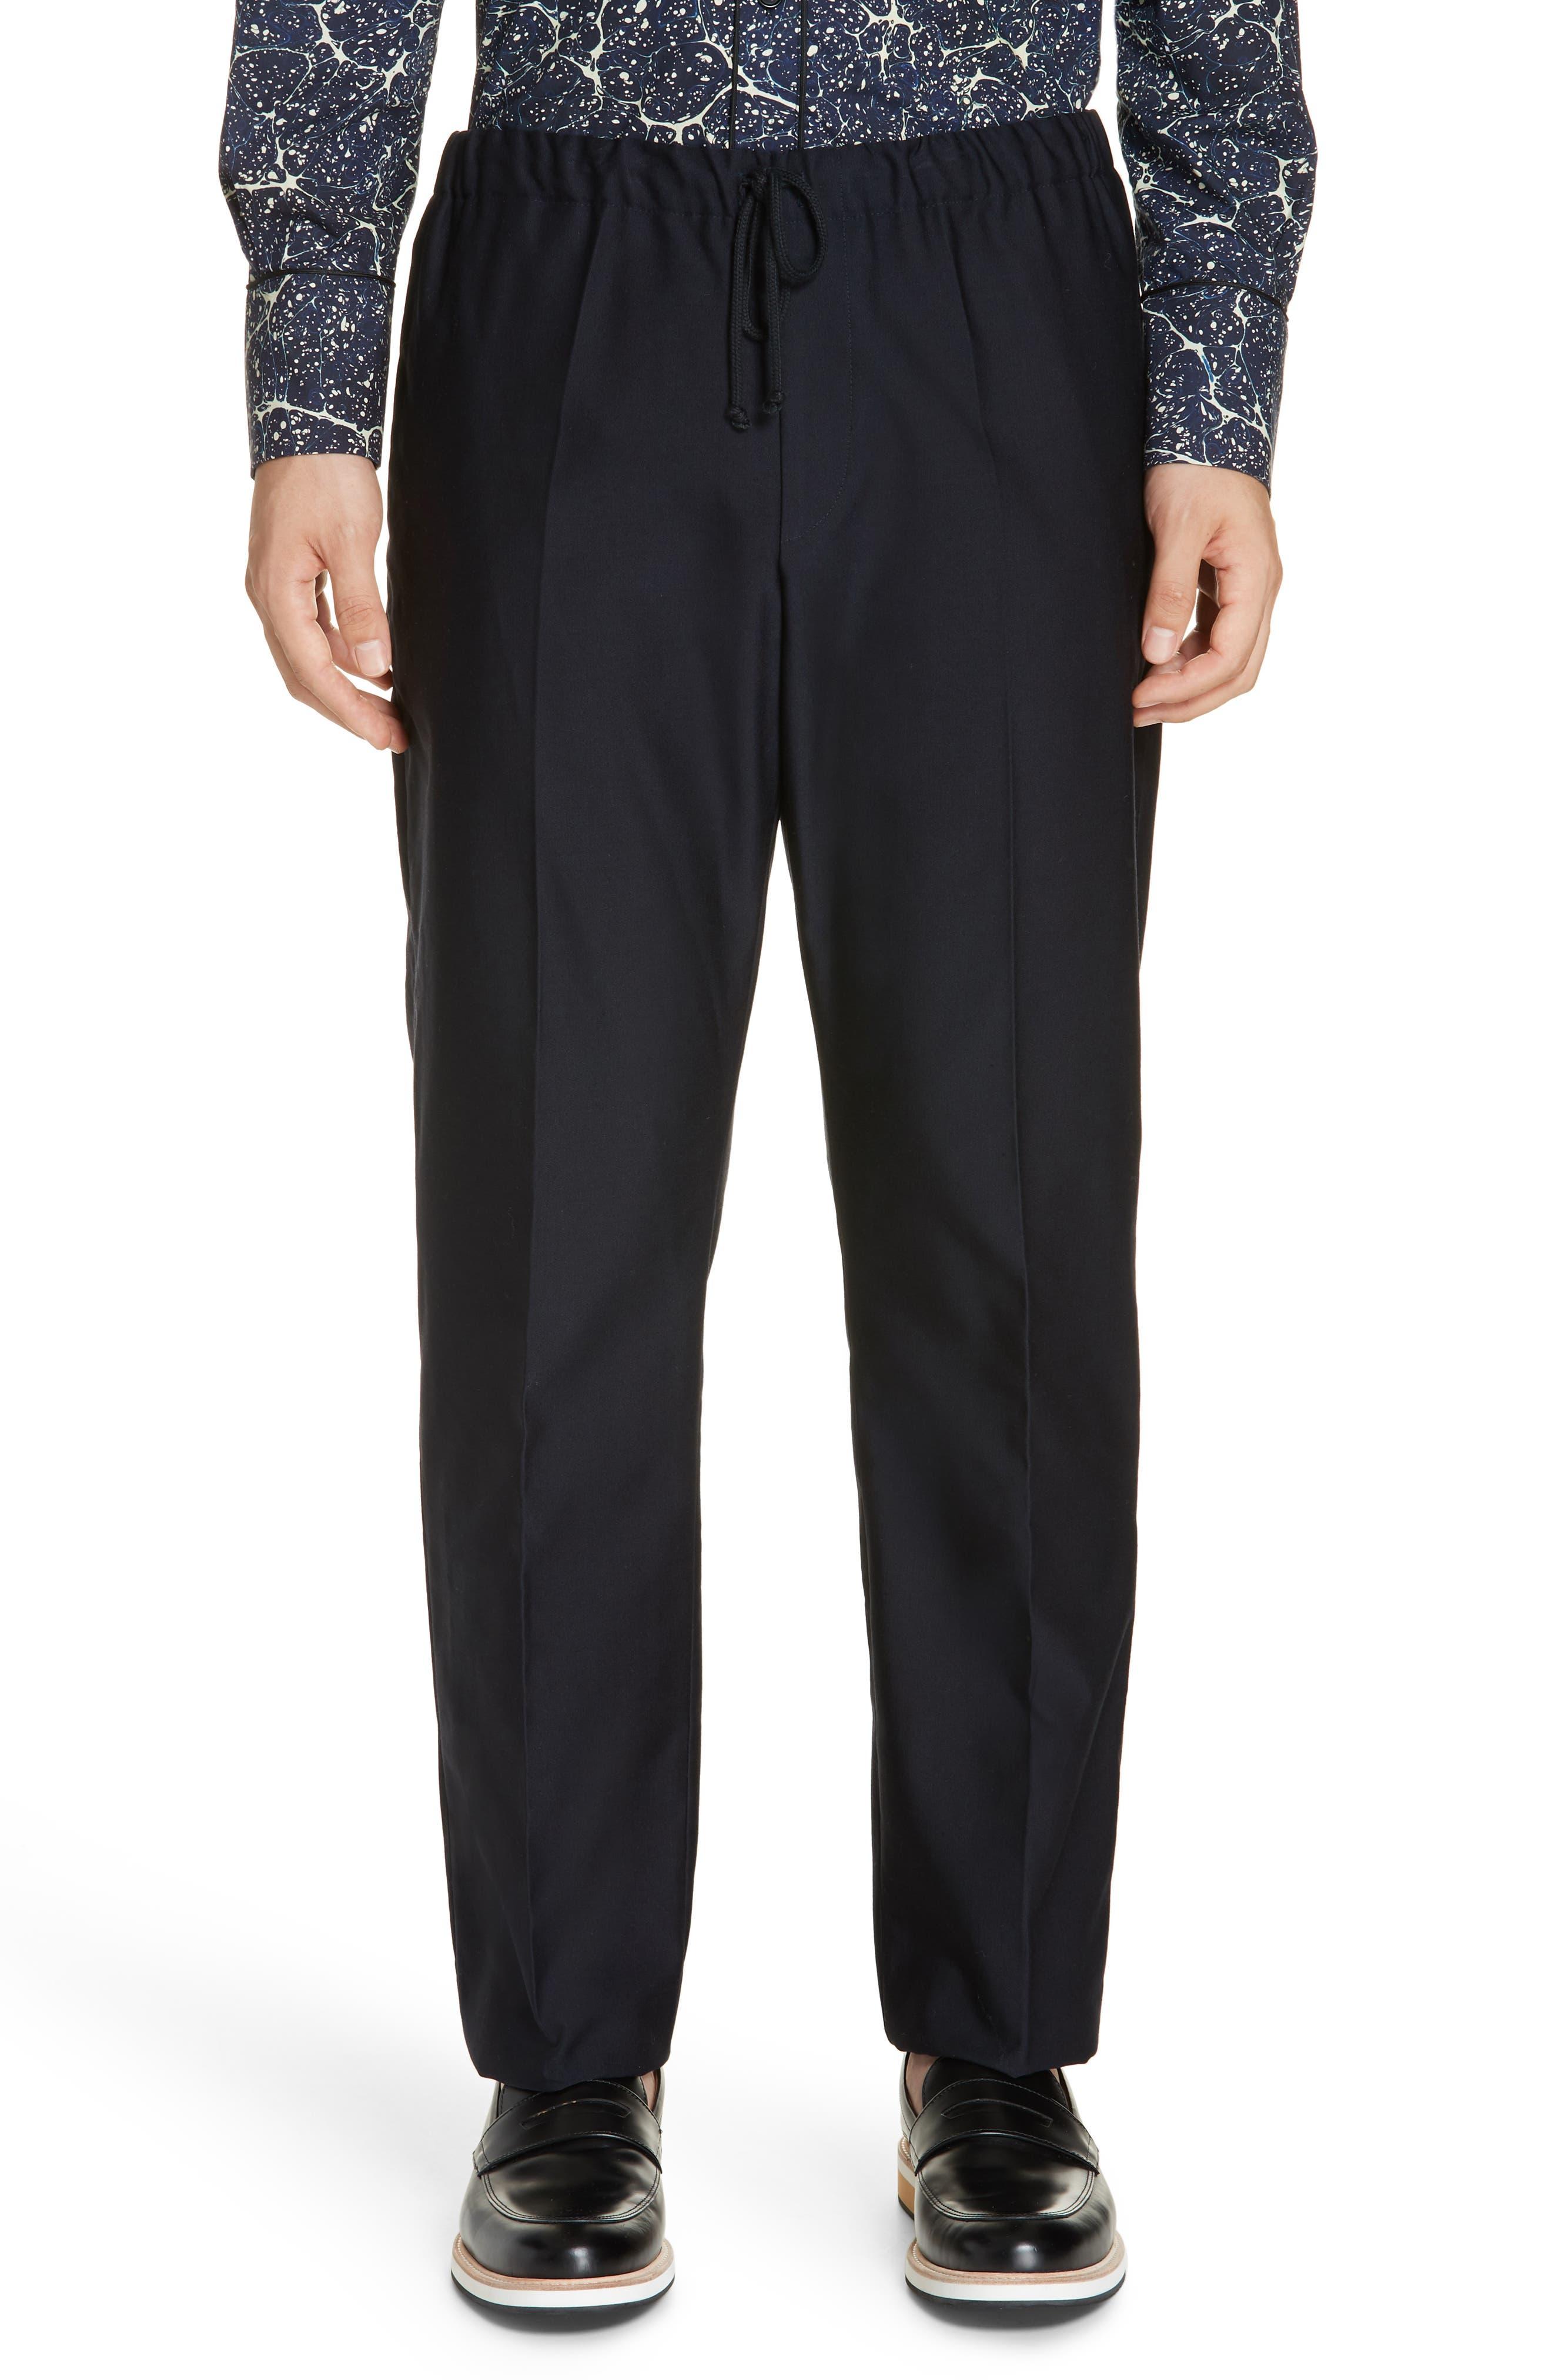 Perkino Drawstring Waist Pants,                         Main,                         color, 410